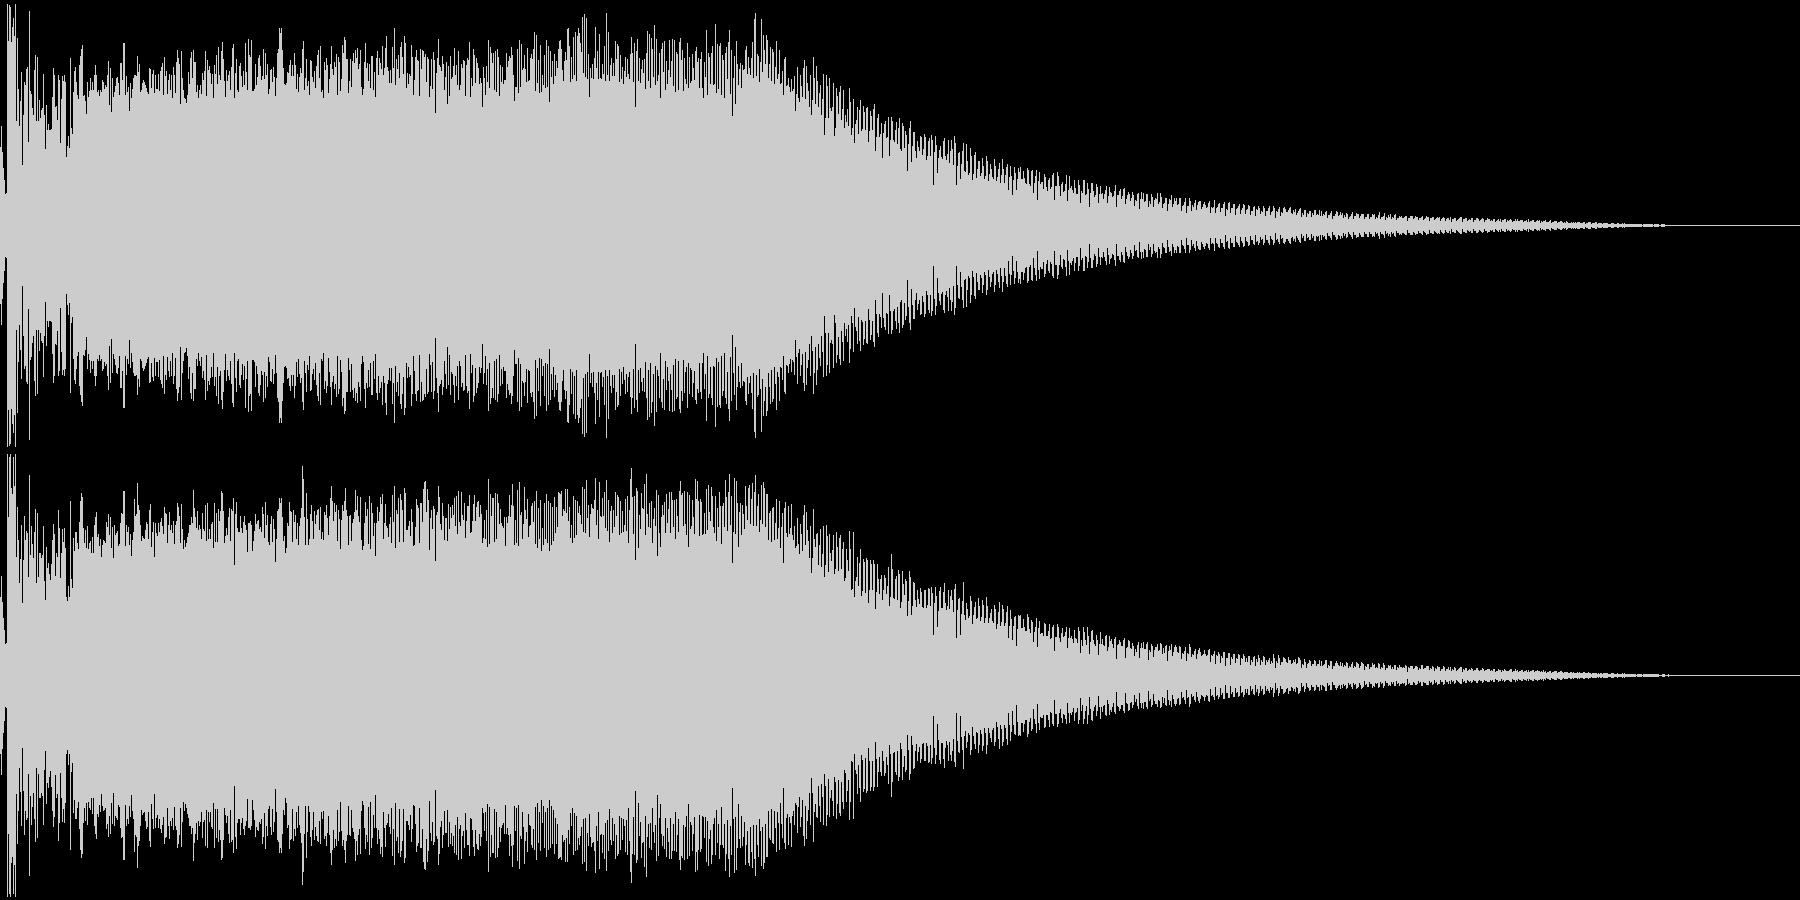 ビームライフル発射音 タイプ8の未再生の波形